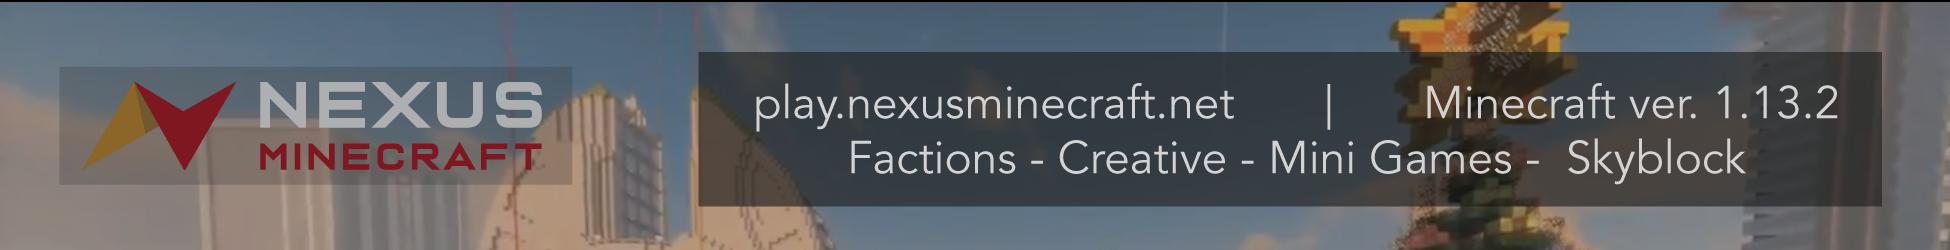 Banner for Nexus Minecraft Minecraft server